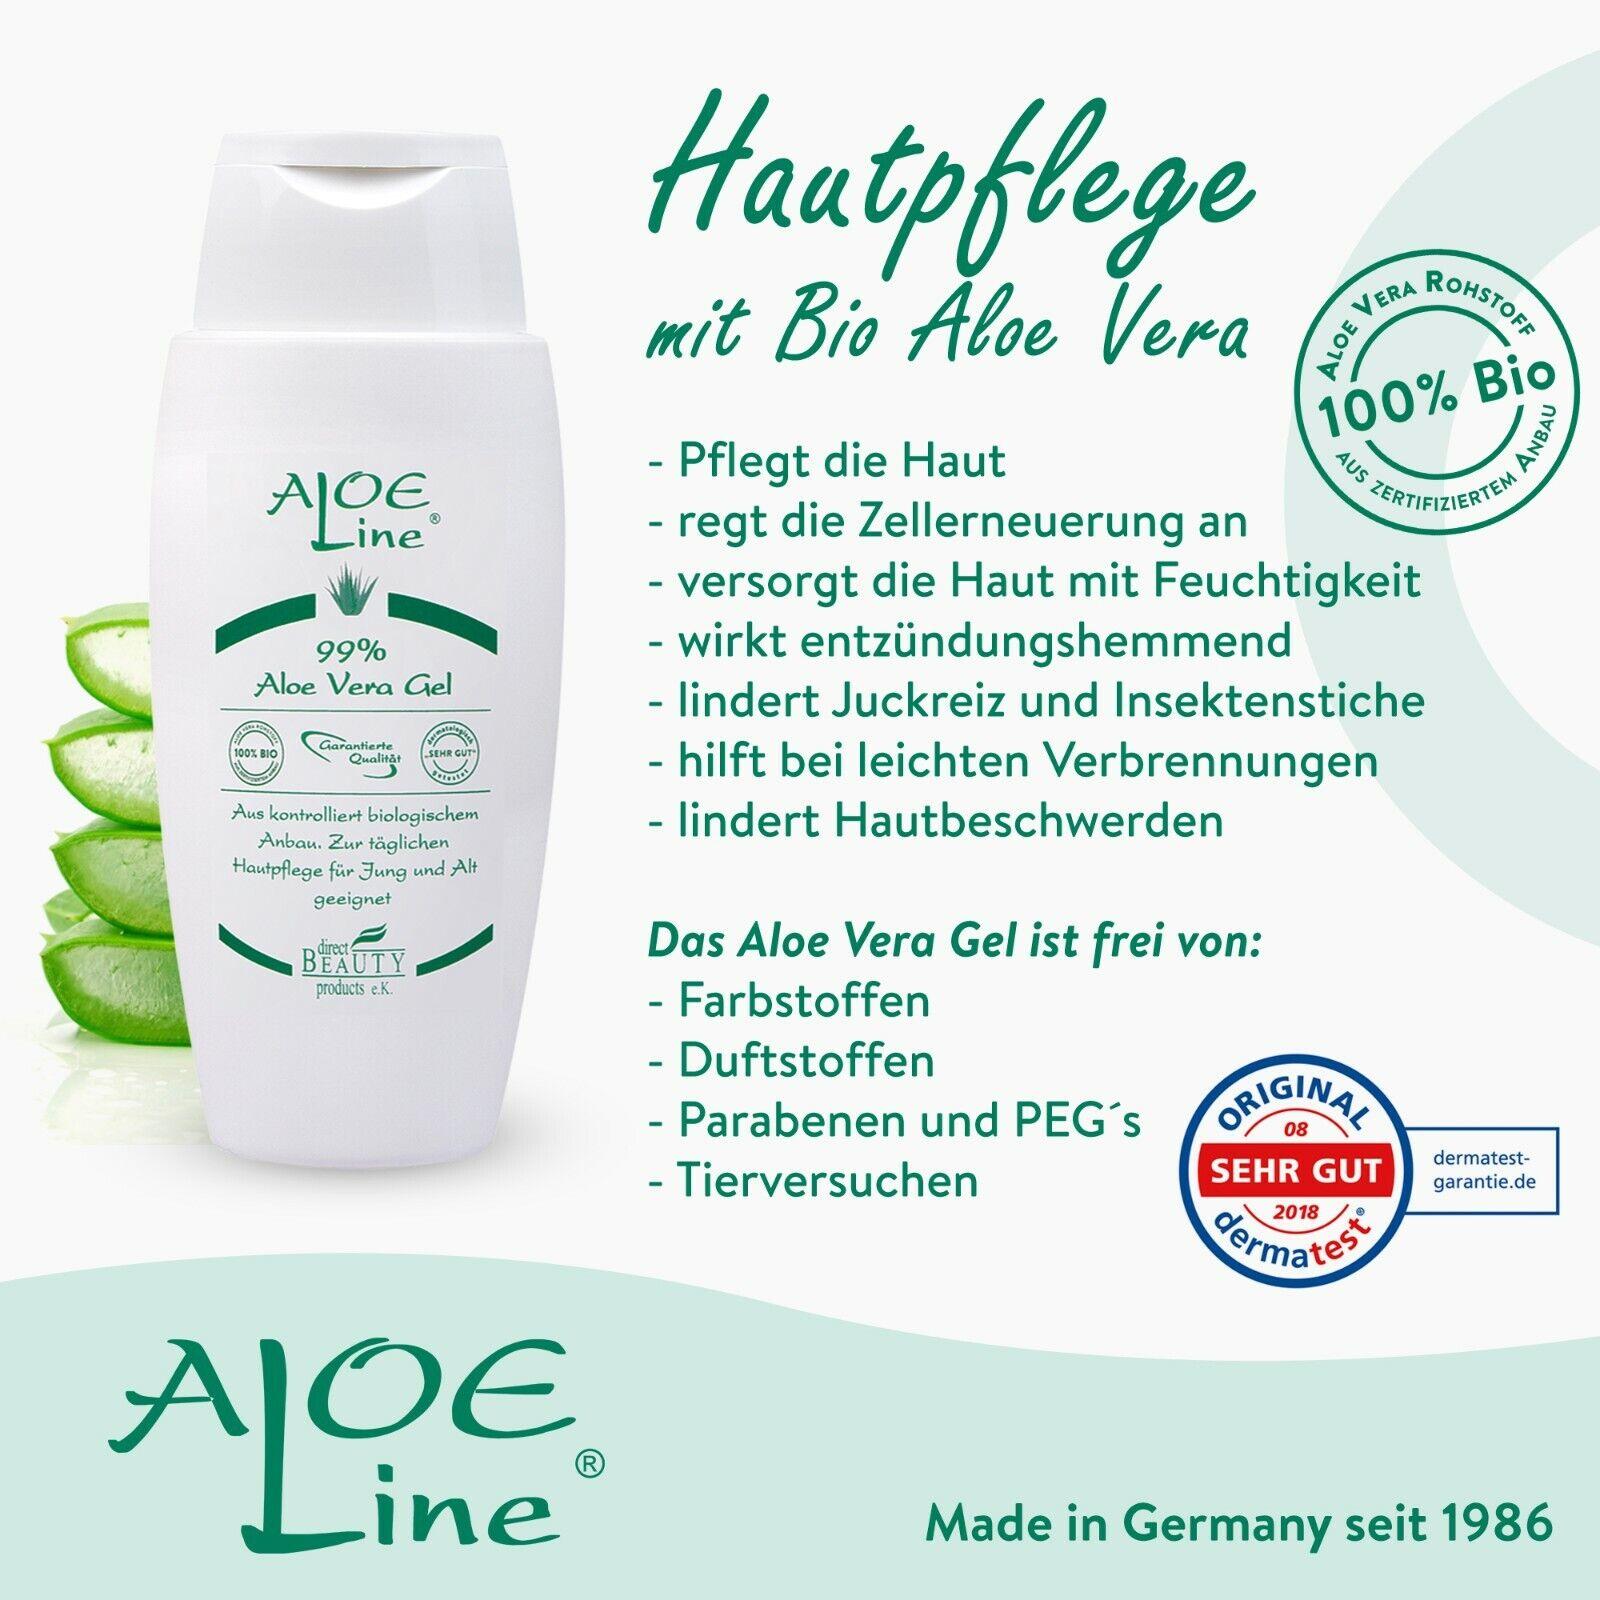 Bio Aloe Vera GEL 99 - Pflege für Haut - Haar - Gesicht - Körper - 150ml